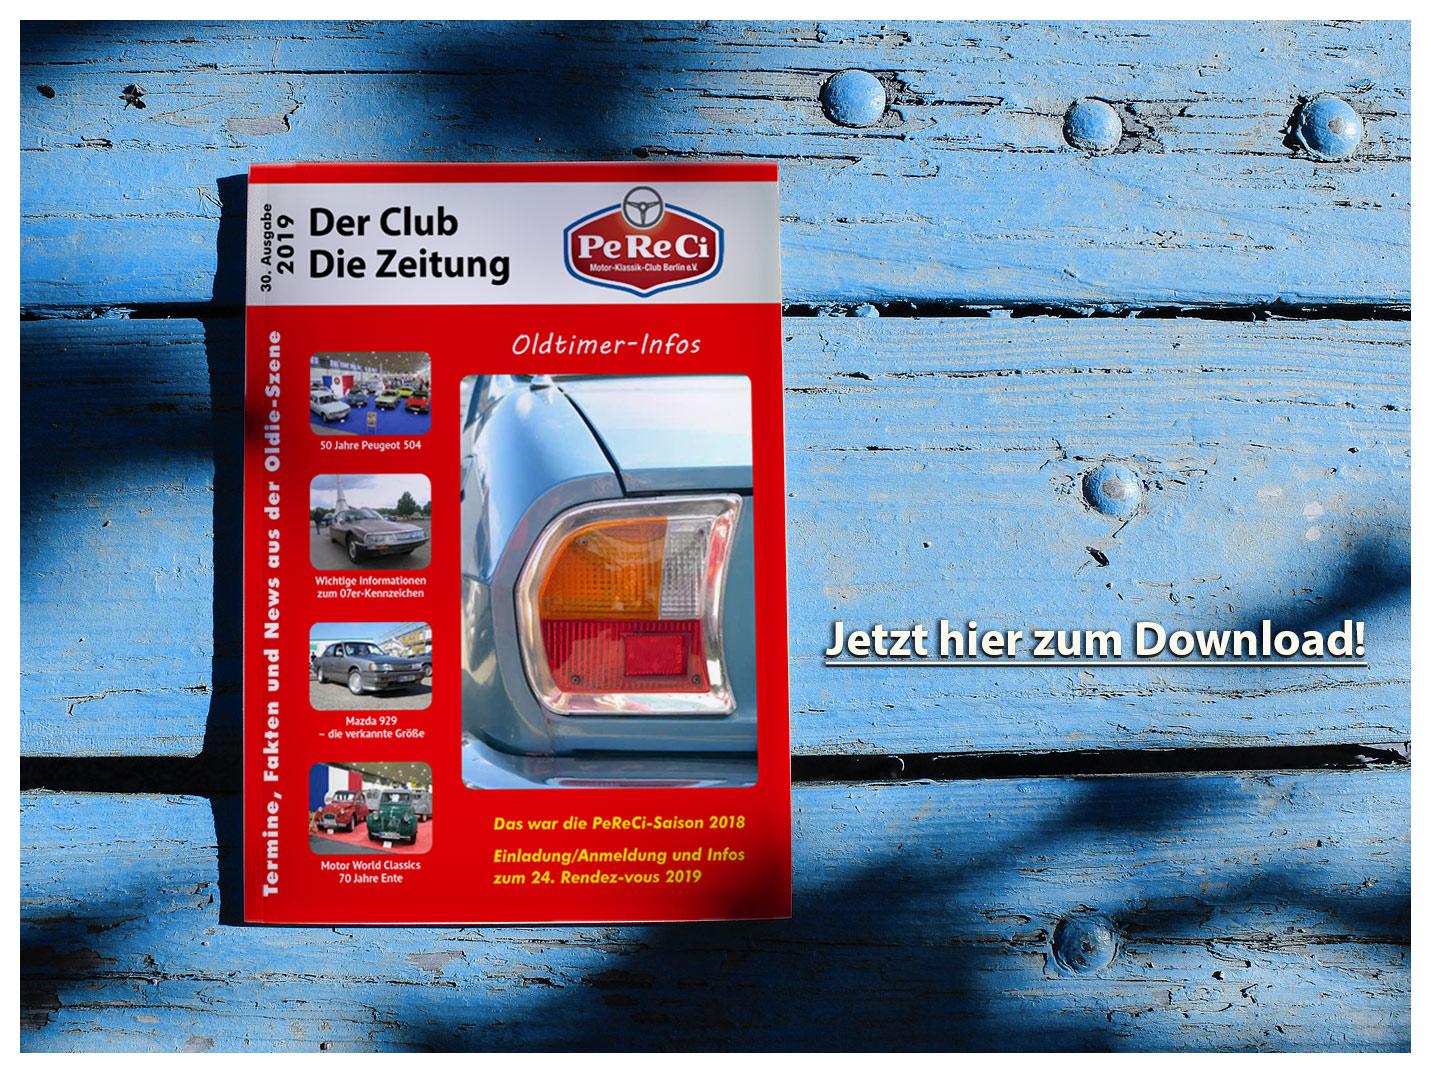 Der Club – Die Zeitung. Termine, Fakten und News aus der Oldie-Szene Die 30. Ausgabe